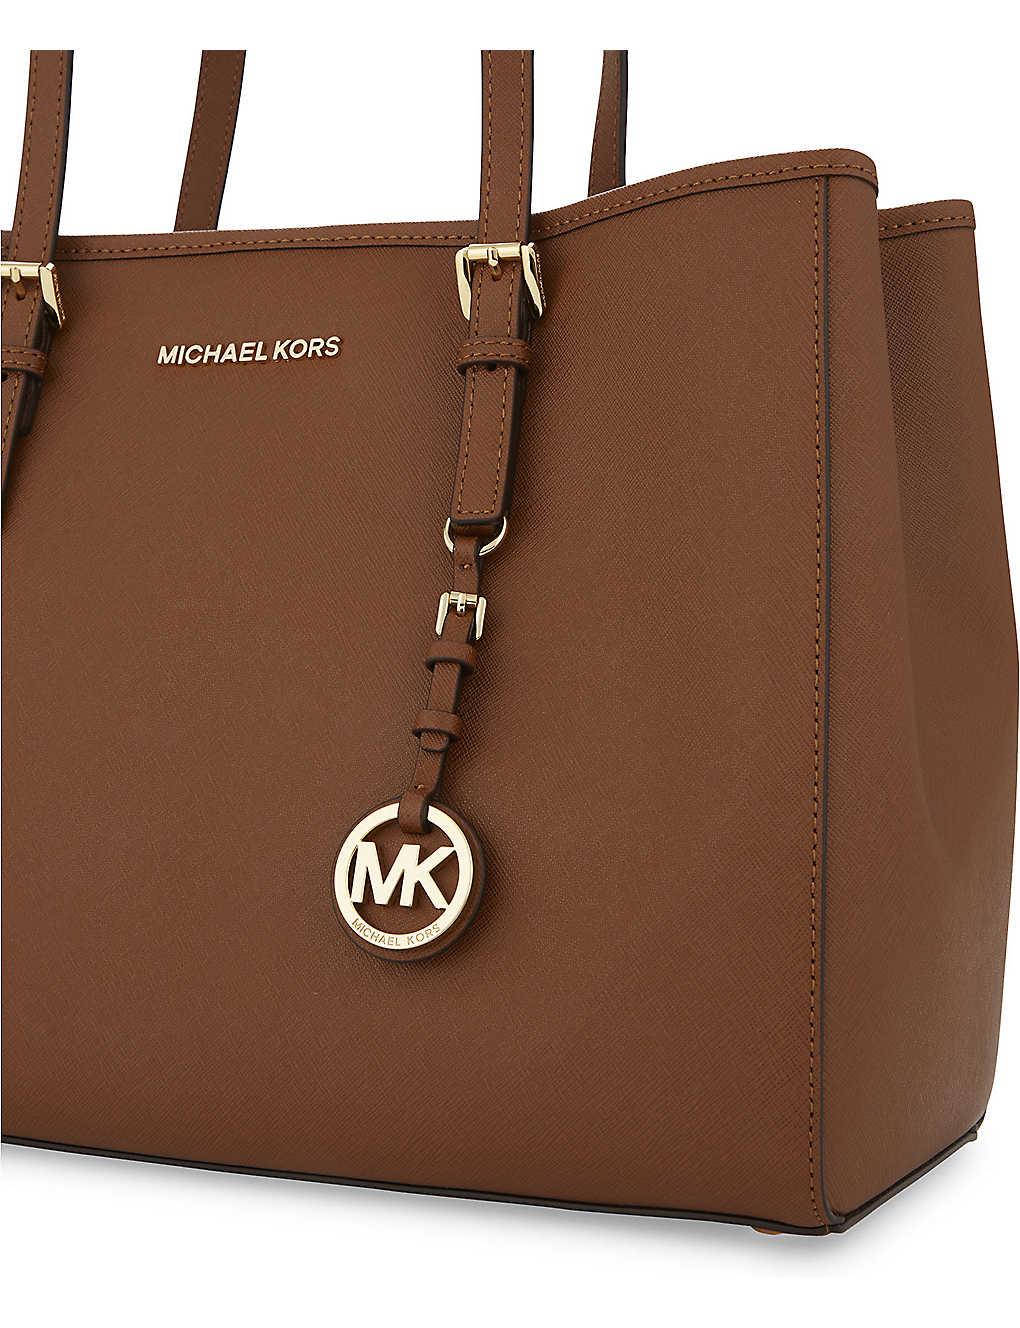 76b13cb50c1e21 MICHAEL MICHAEL KORS - Jet Set Travel large leather tote ...